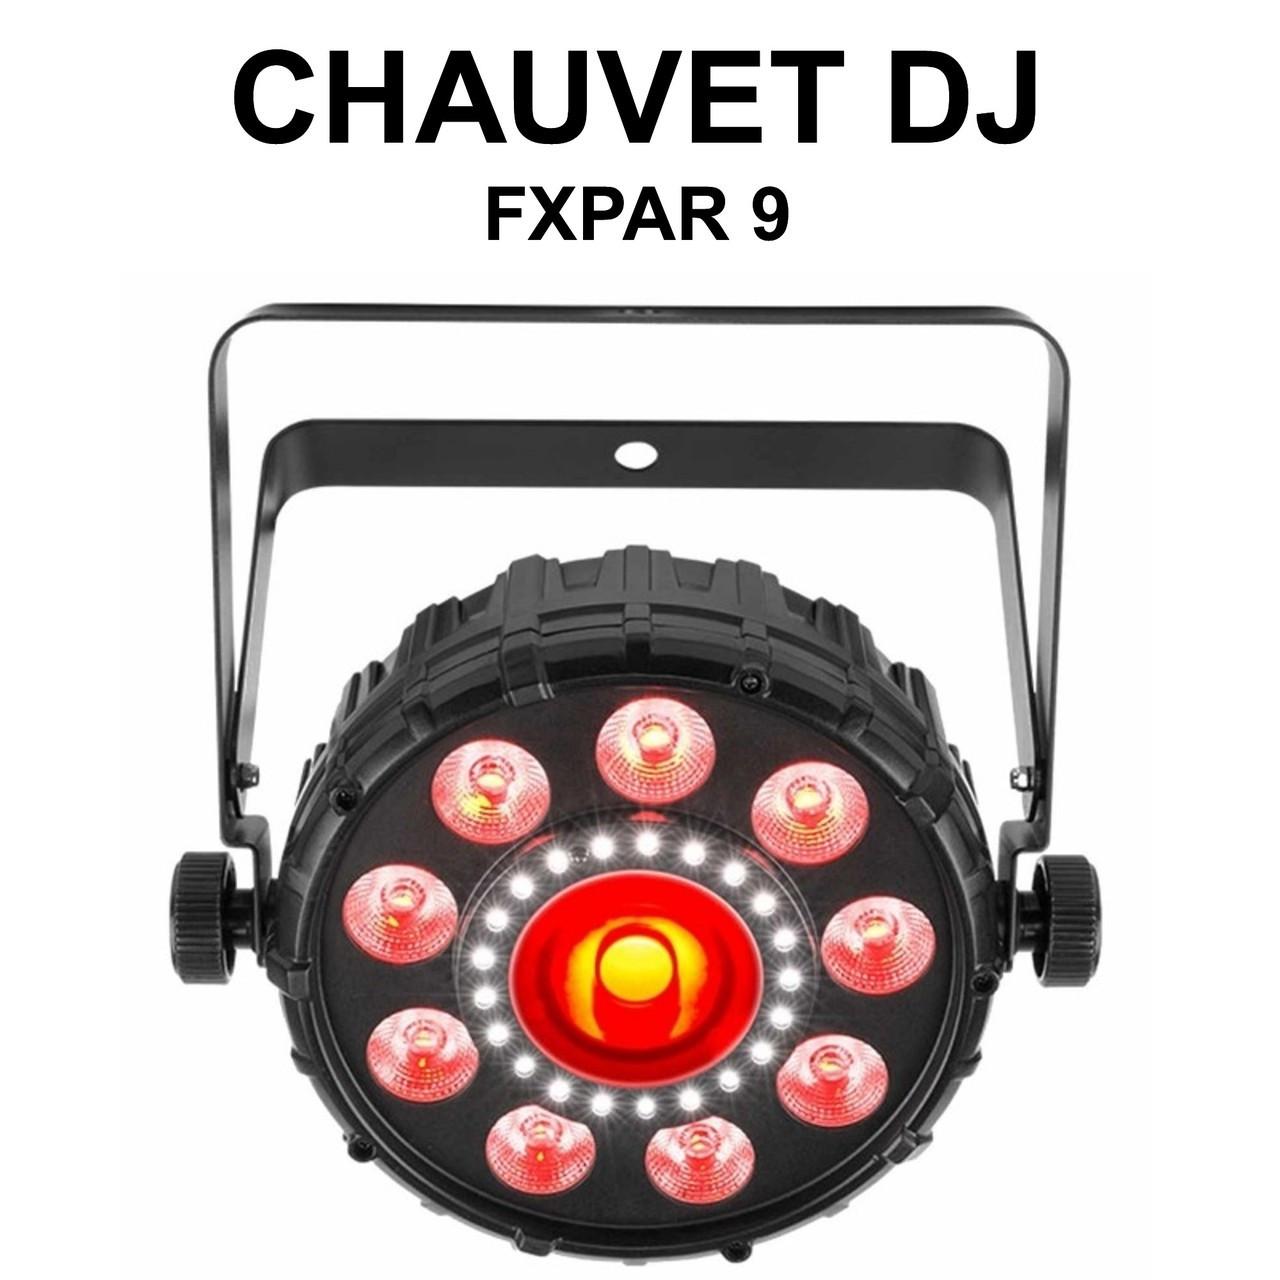 CHAUVET DJ FXPAR 9 Multi Source RGB+UV LED Light Fixture $10 Instant Coupon  Use Promo Code: $10-OFF